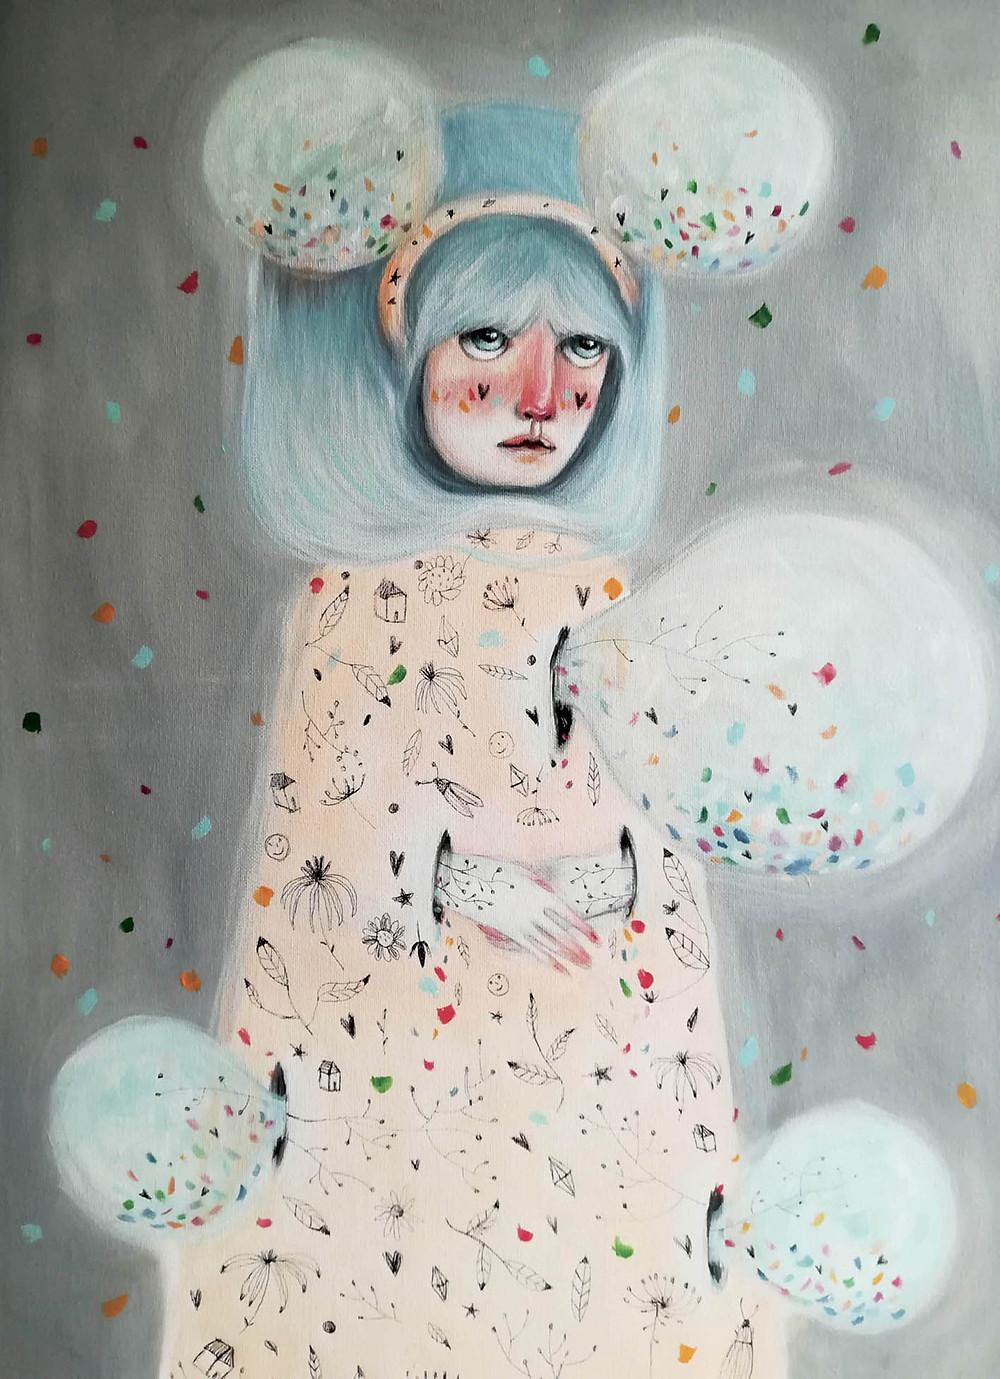 Confetti. 50x60cm Acrylic on canvas.